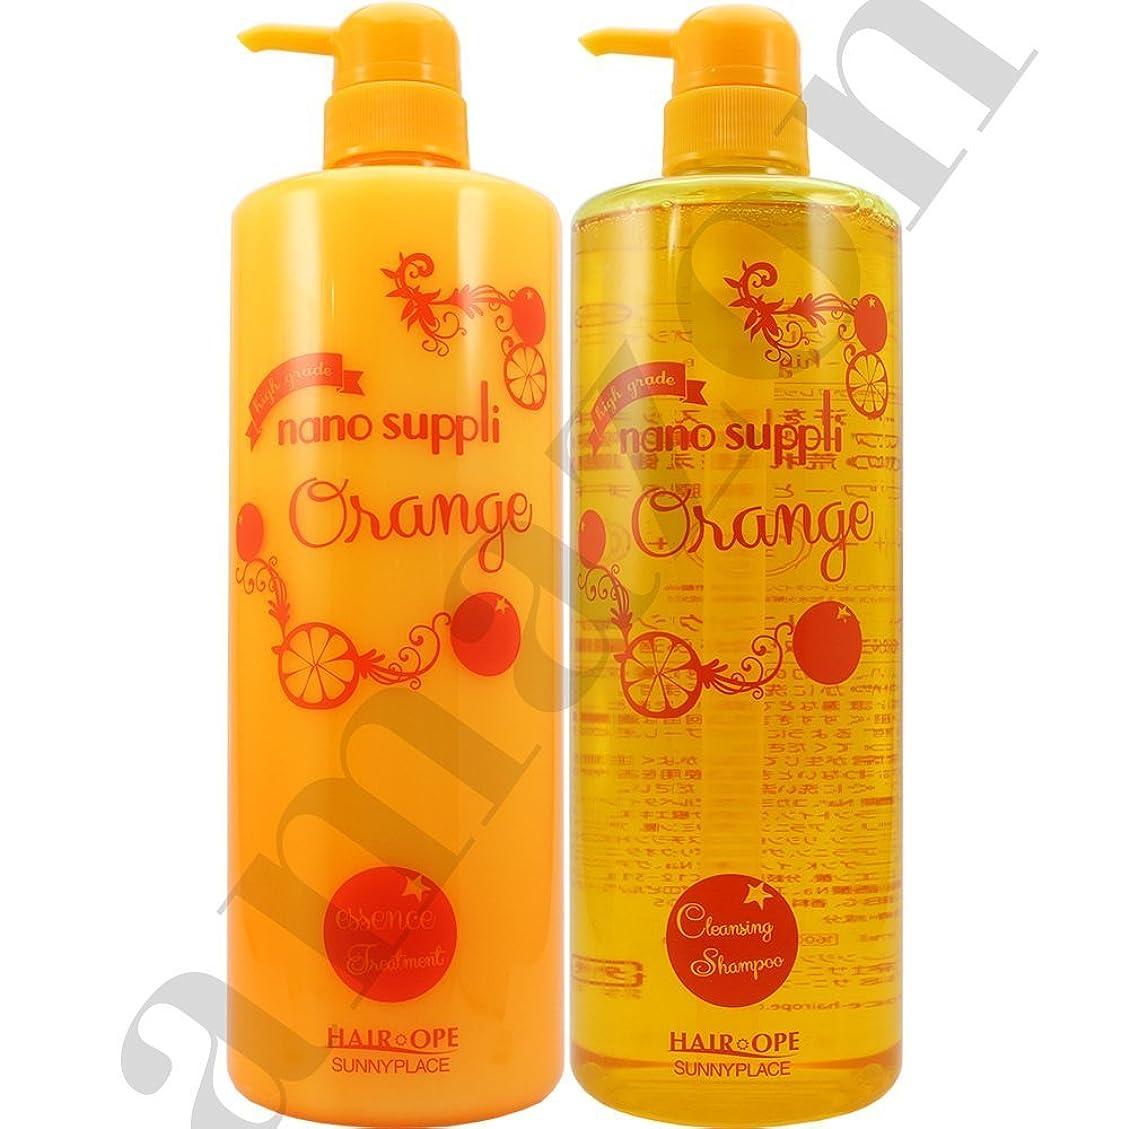 悪用裕福なモードサニープレイス ナノサプリ クレンジングシャンプー&コンディショナー オレンジ 1000mlボトルセット